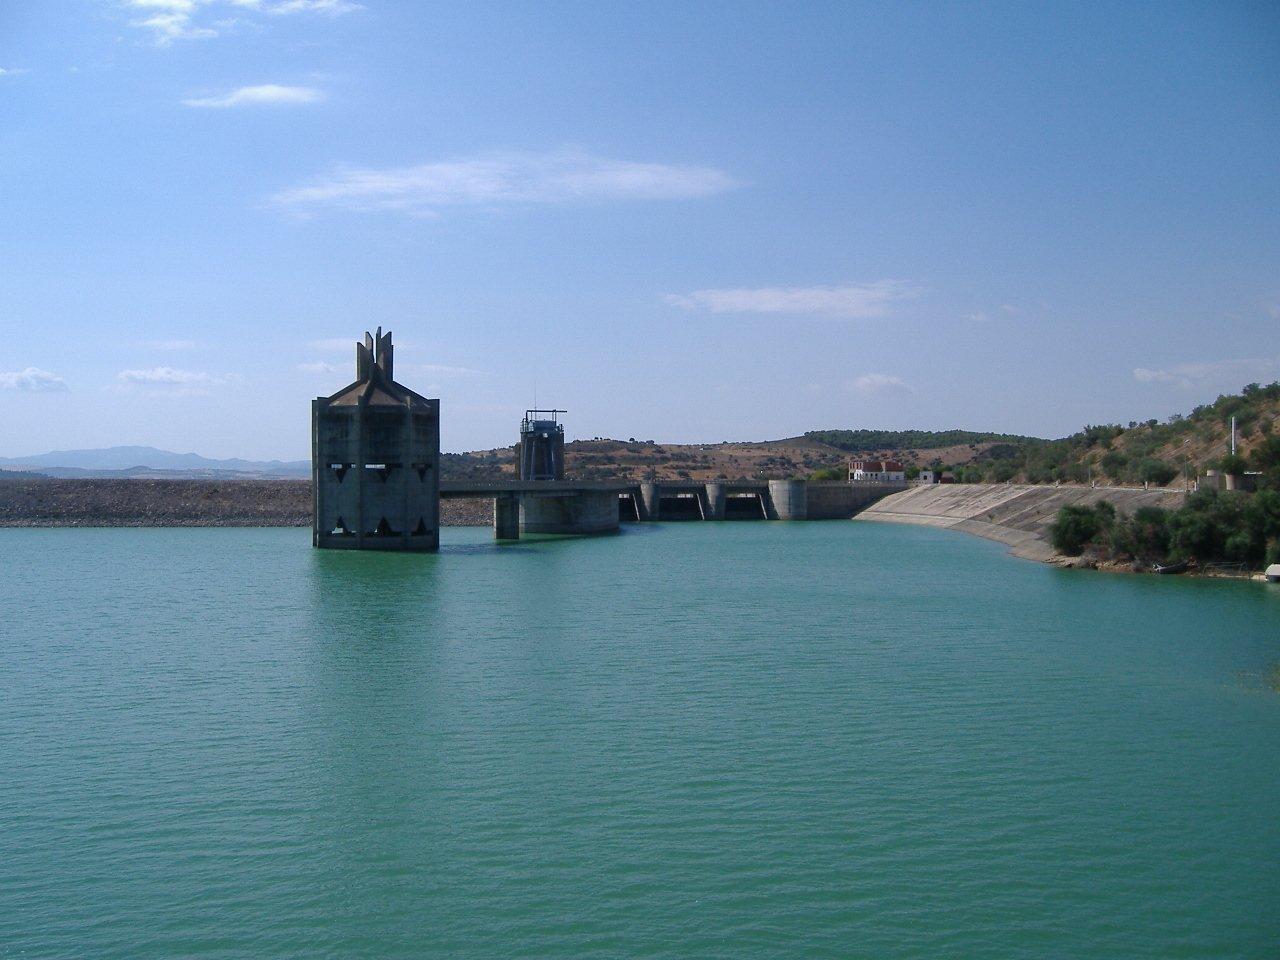 Bild des Staudamms von Sidi Salem mit Überlauf.